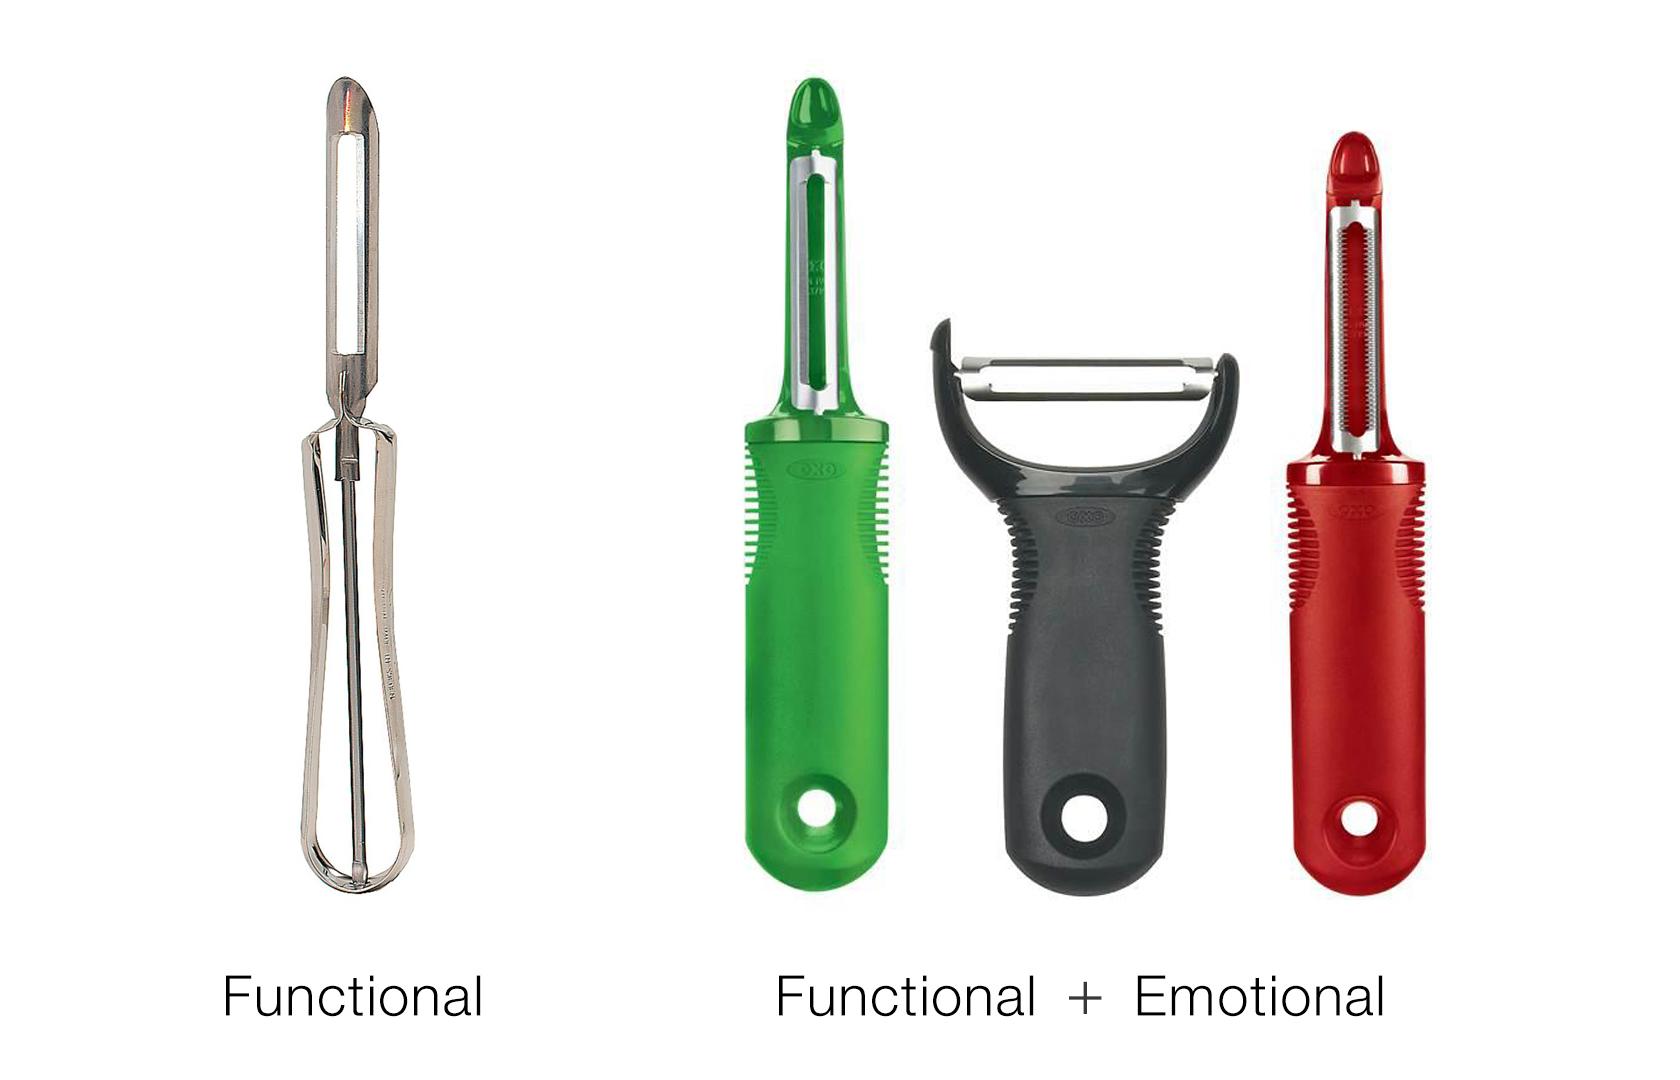 diseño funcional versus diseño emocional